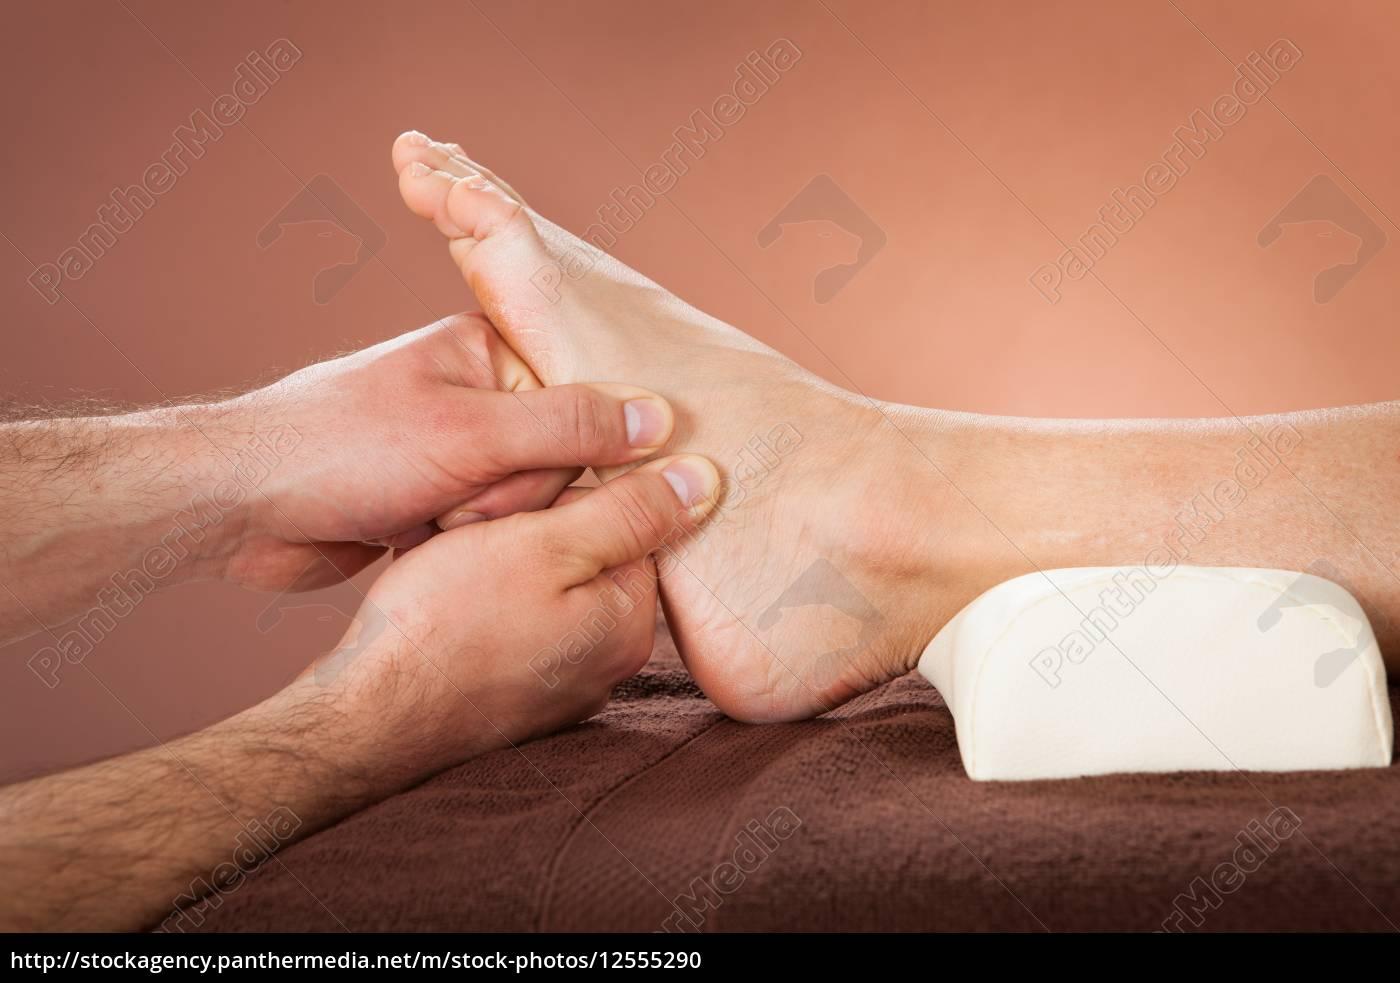 terapeuta, que, da, masaje, de, pies - 12555290